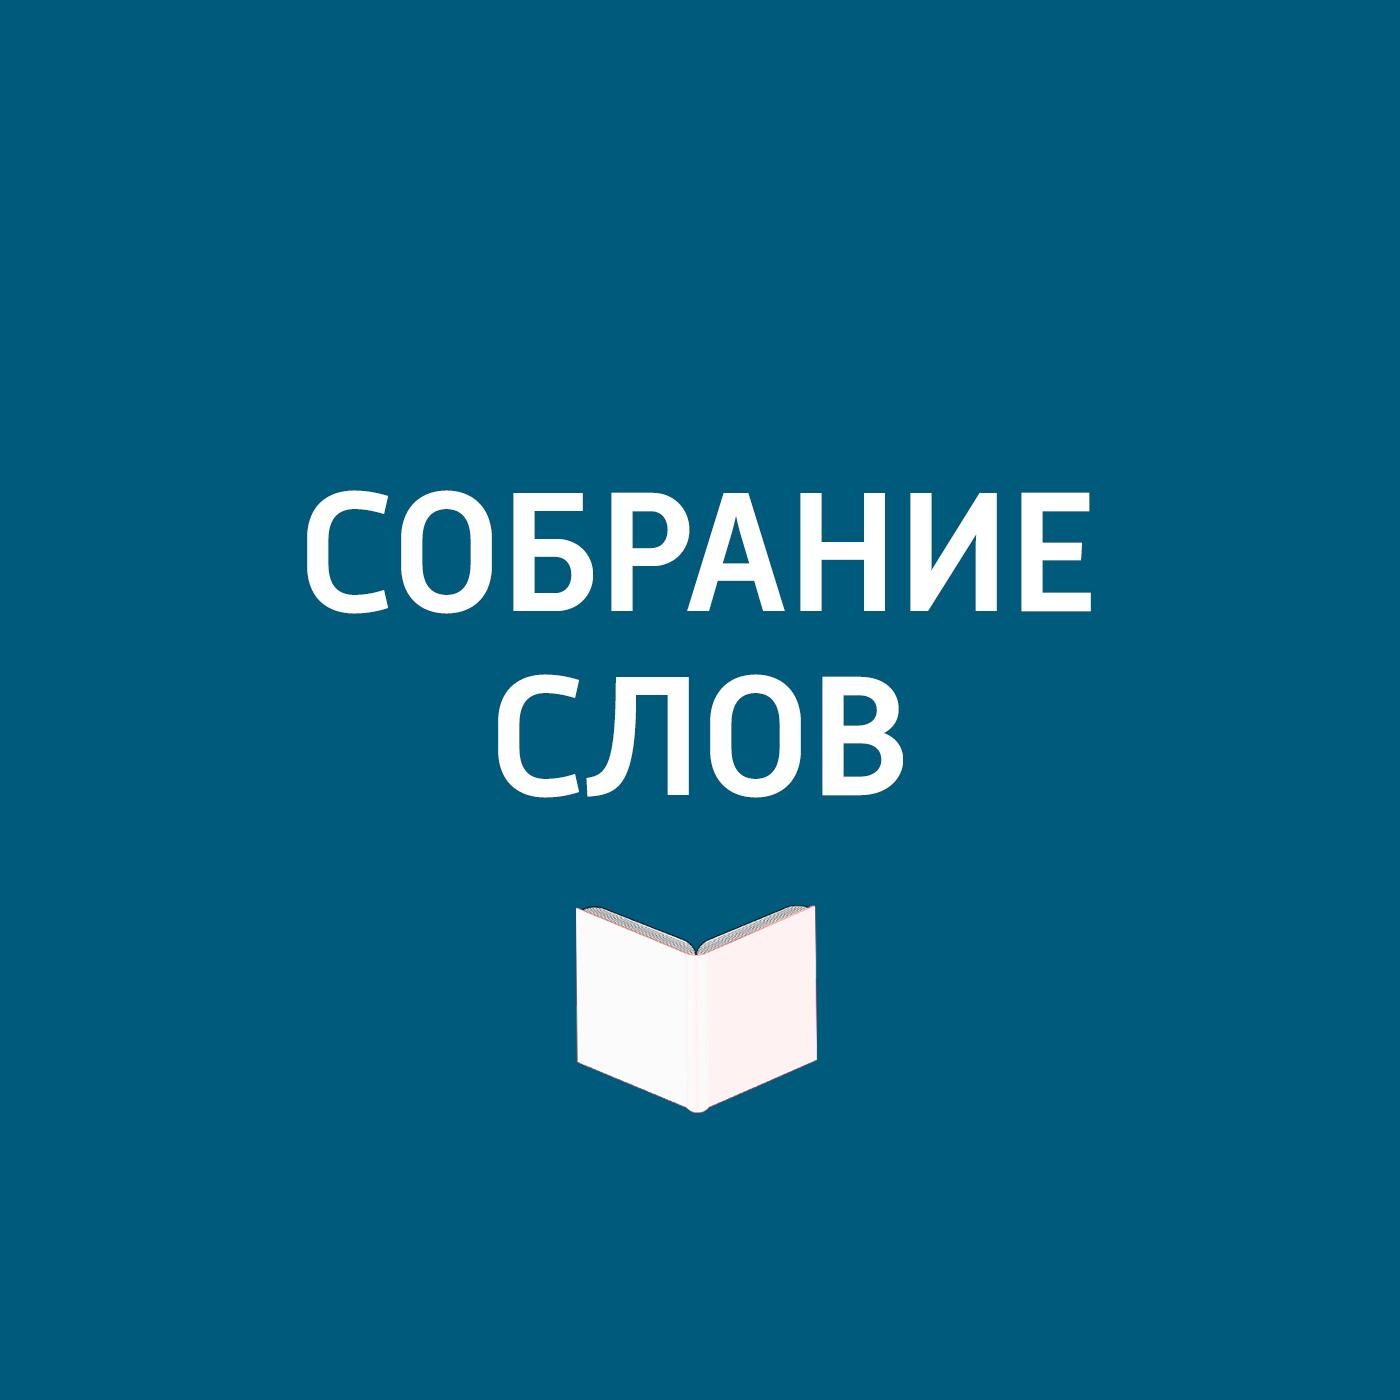 Творческий коллектив программы «Собрание слов» Большое интервью Юрия Куклачева